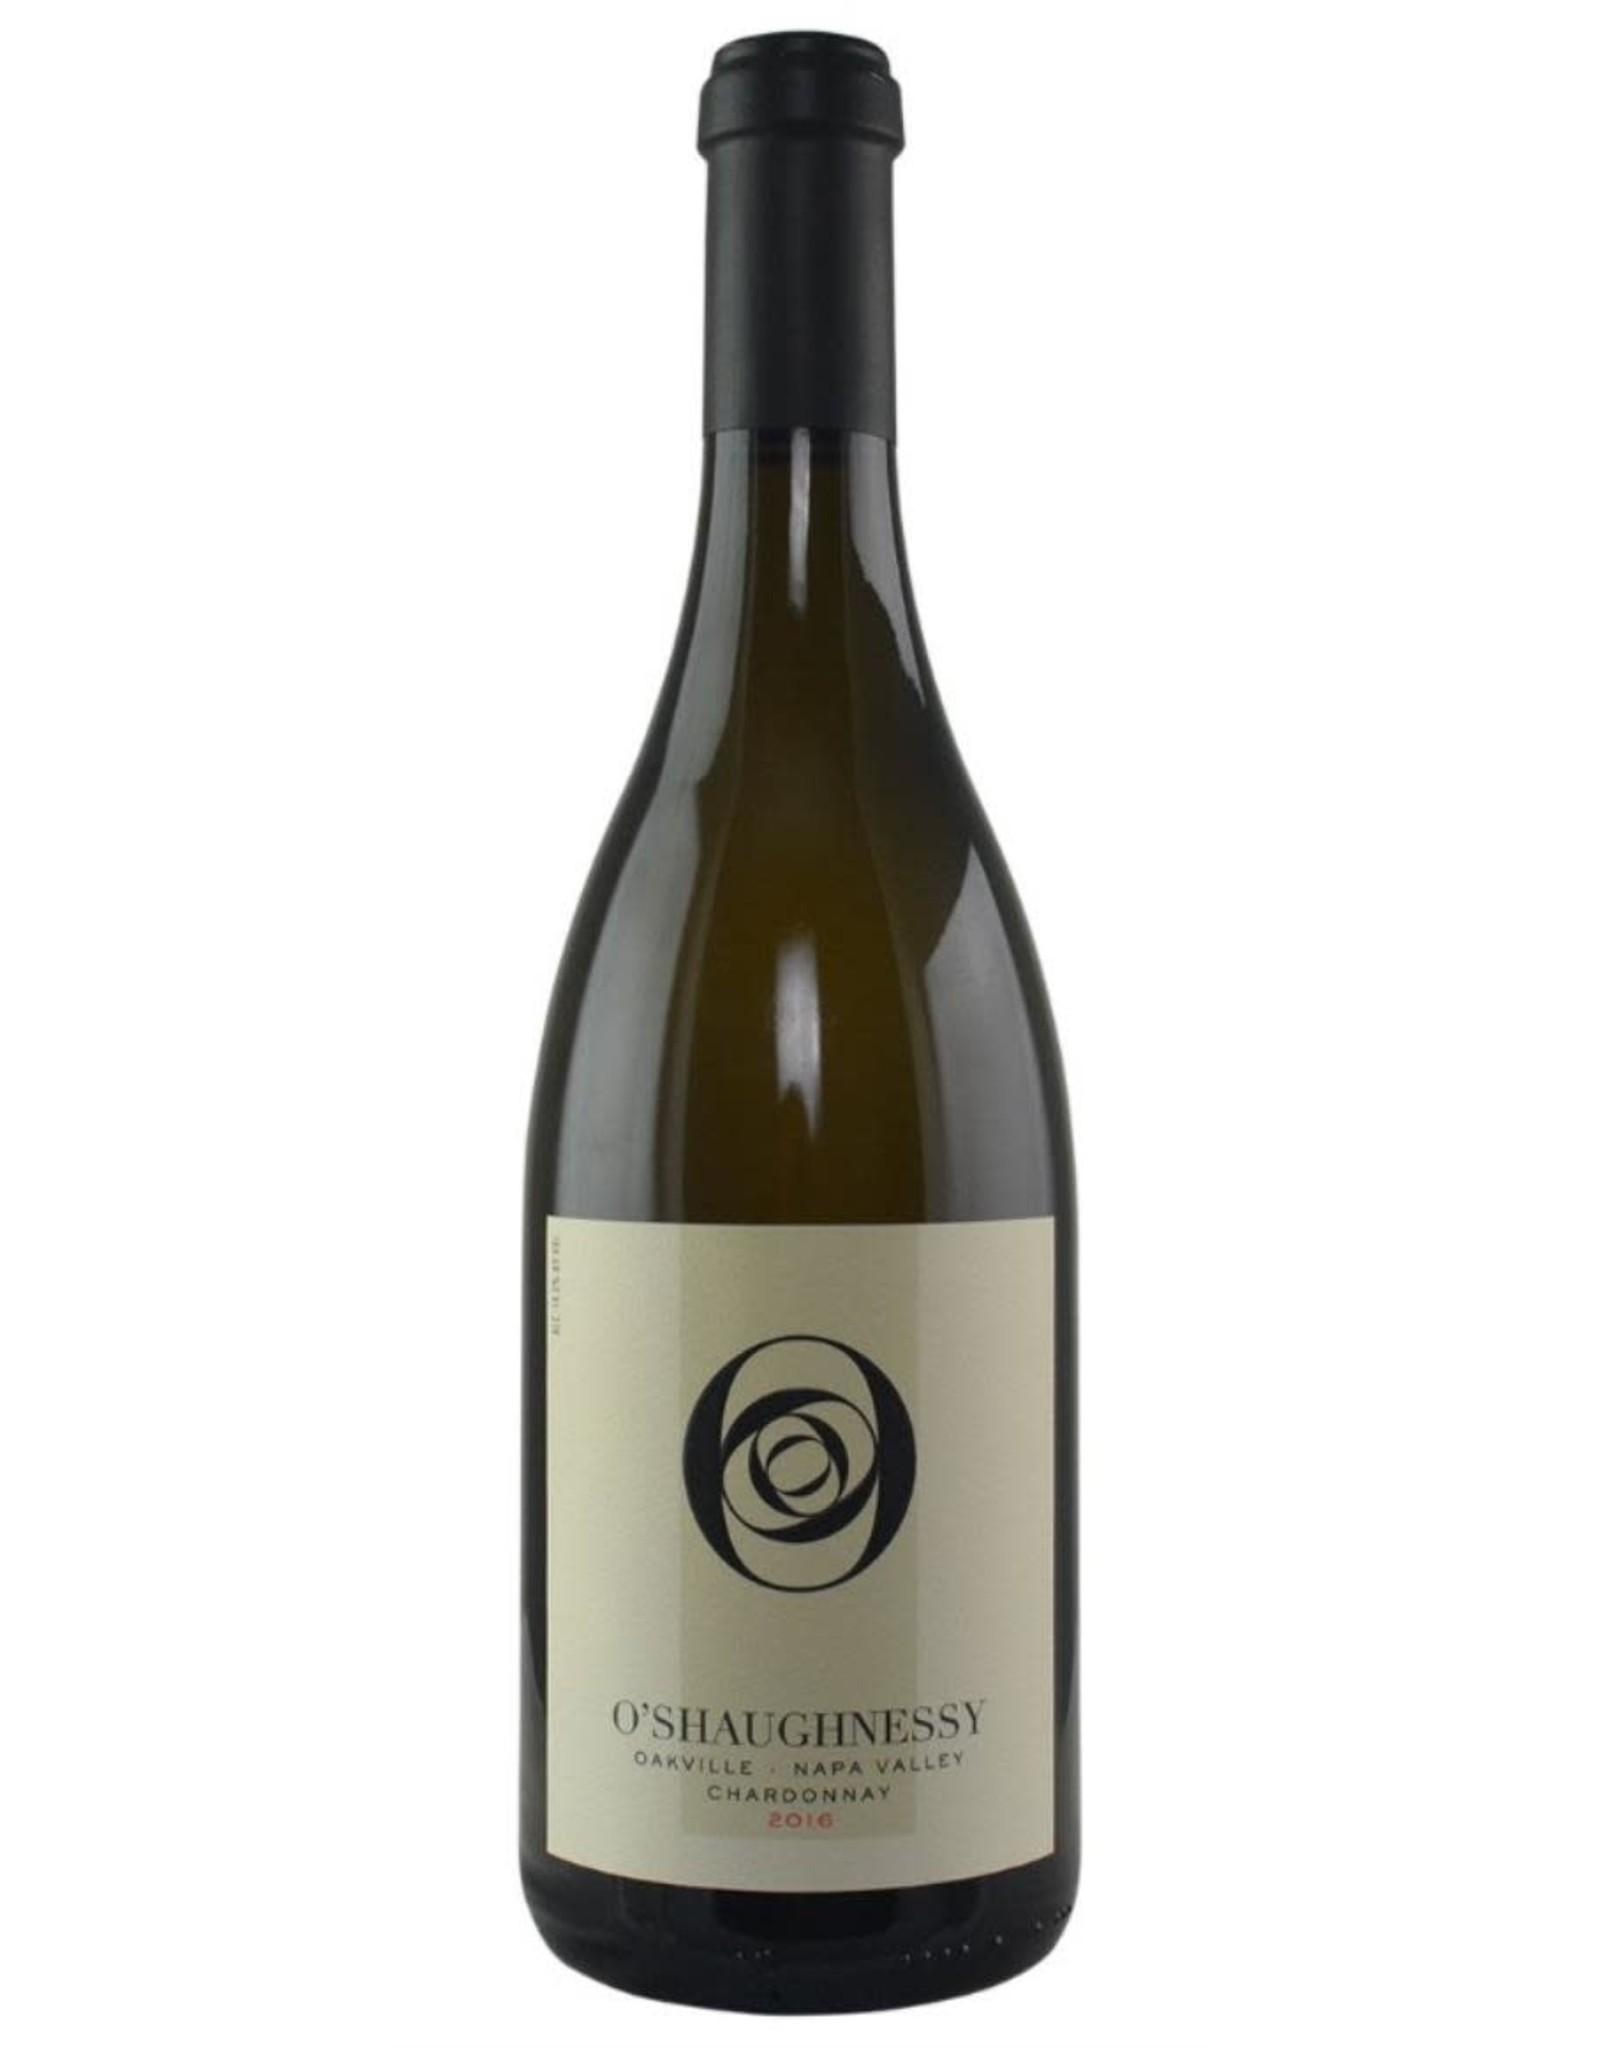 O'Shaughnessy Chardonnay 2016